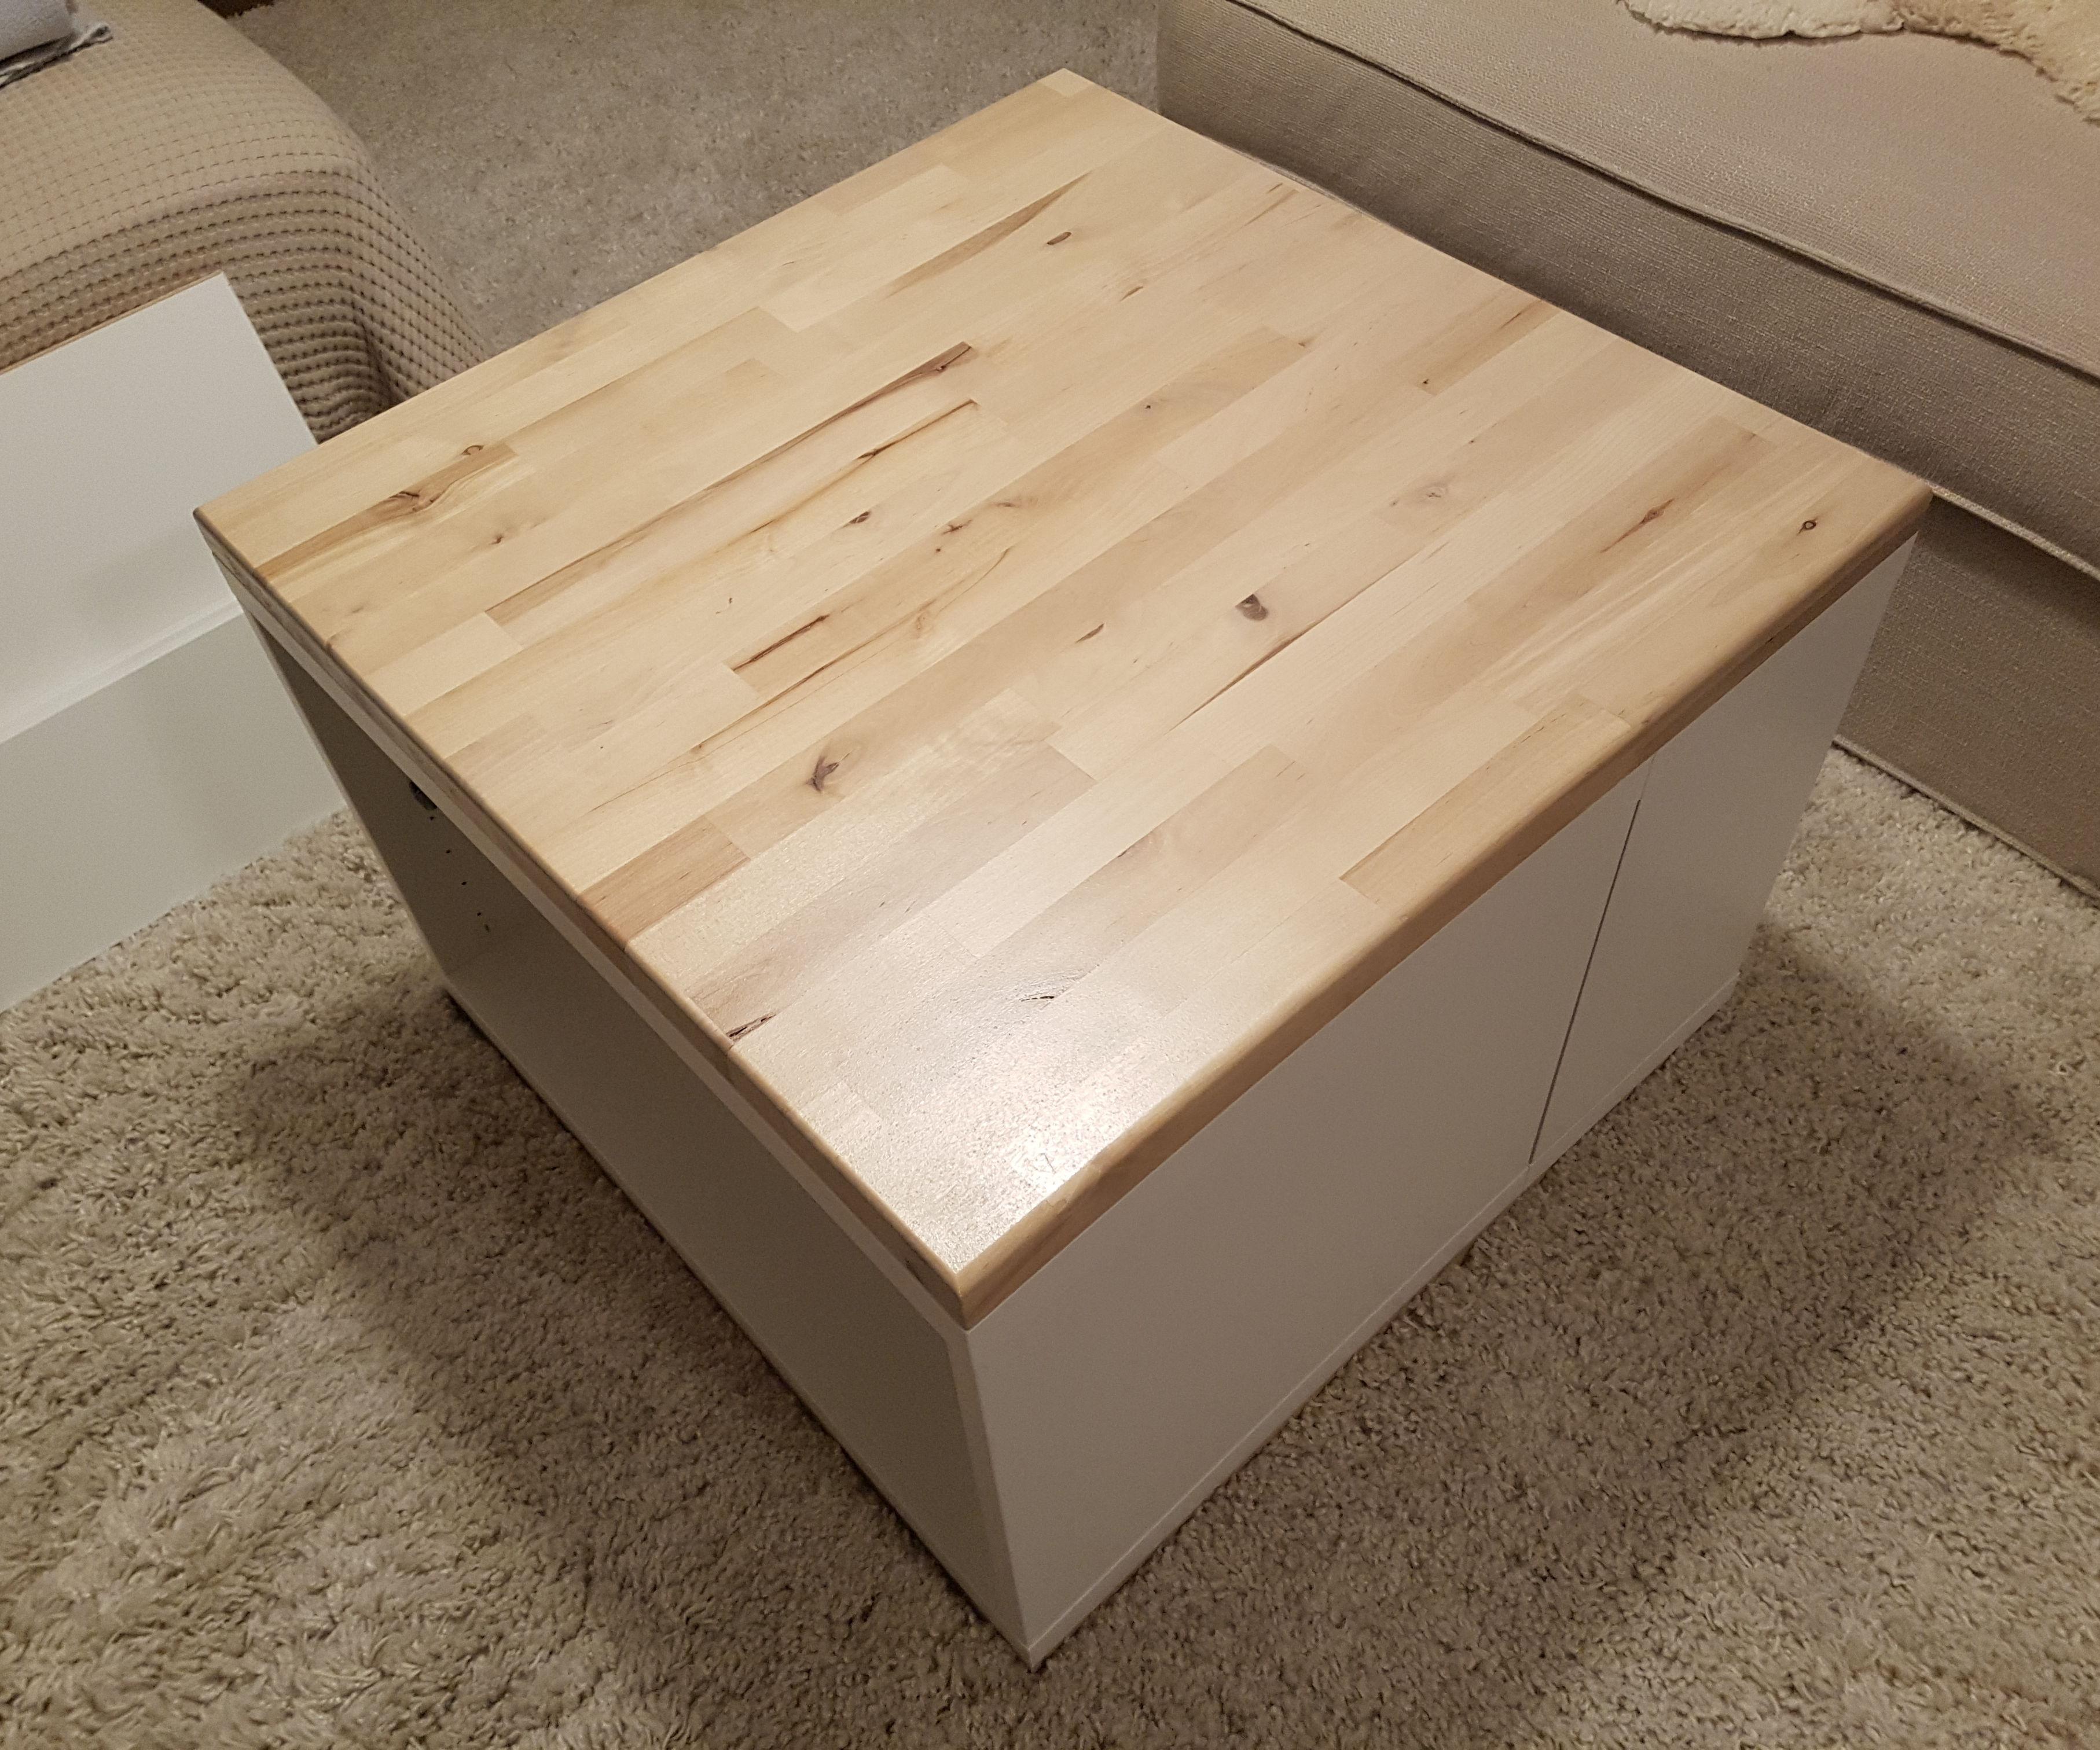 IKEA Besta Couch Table Shelf Hack